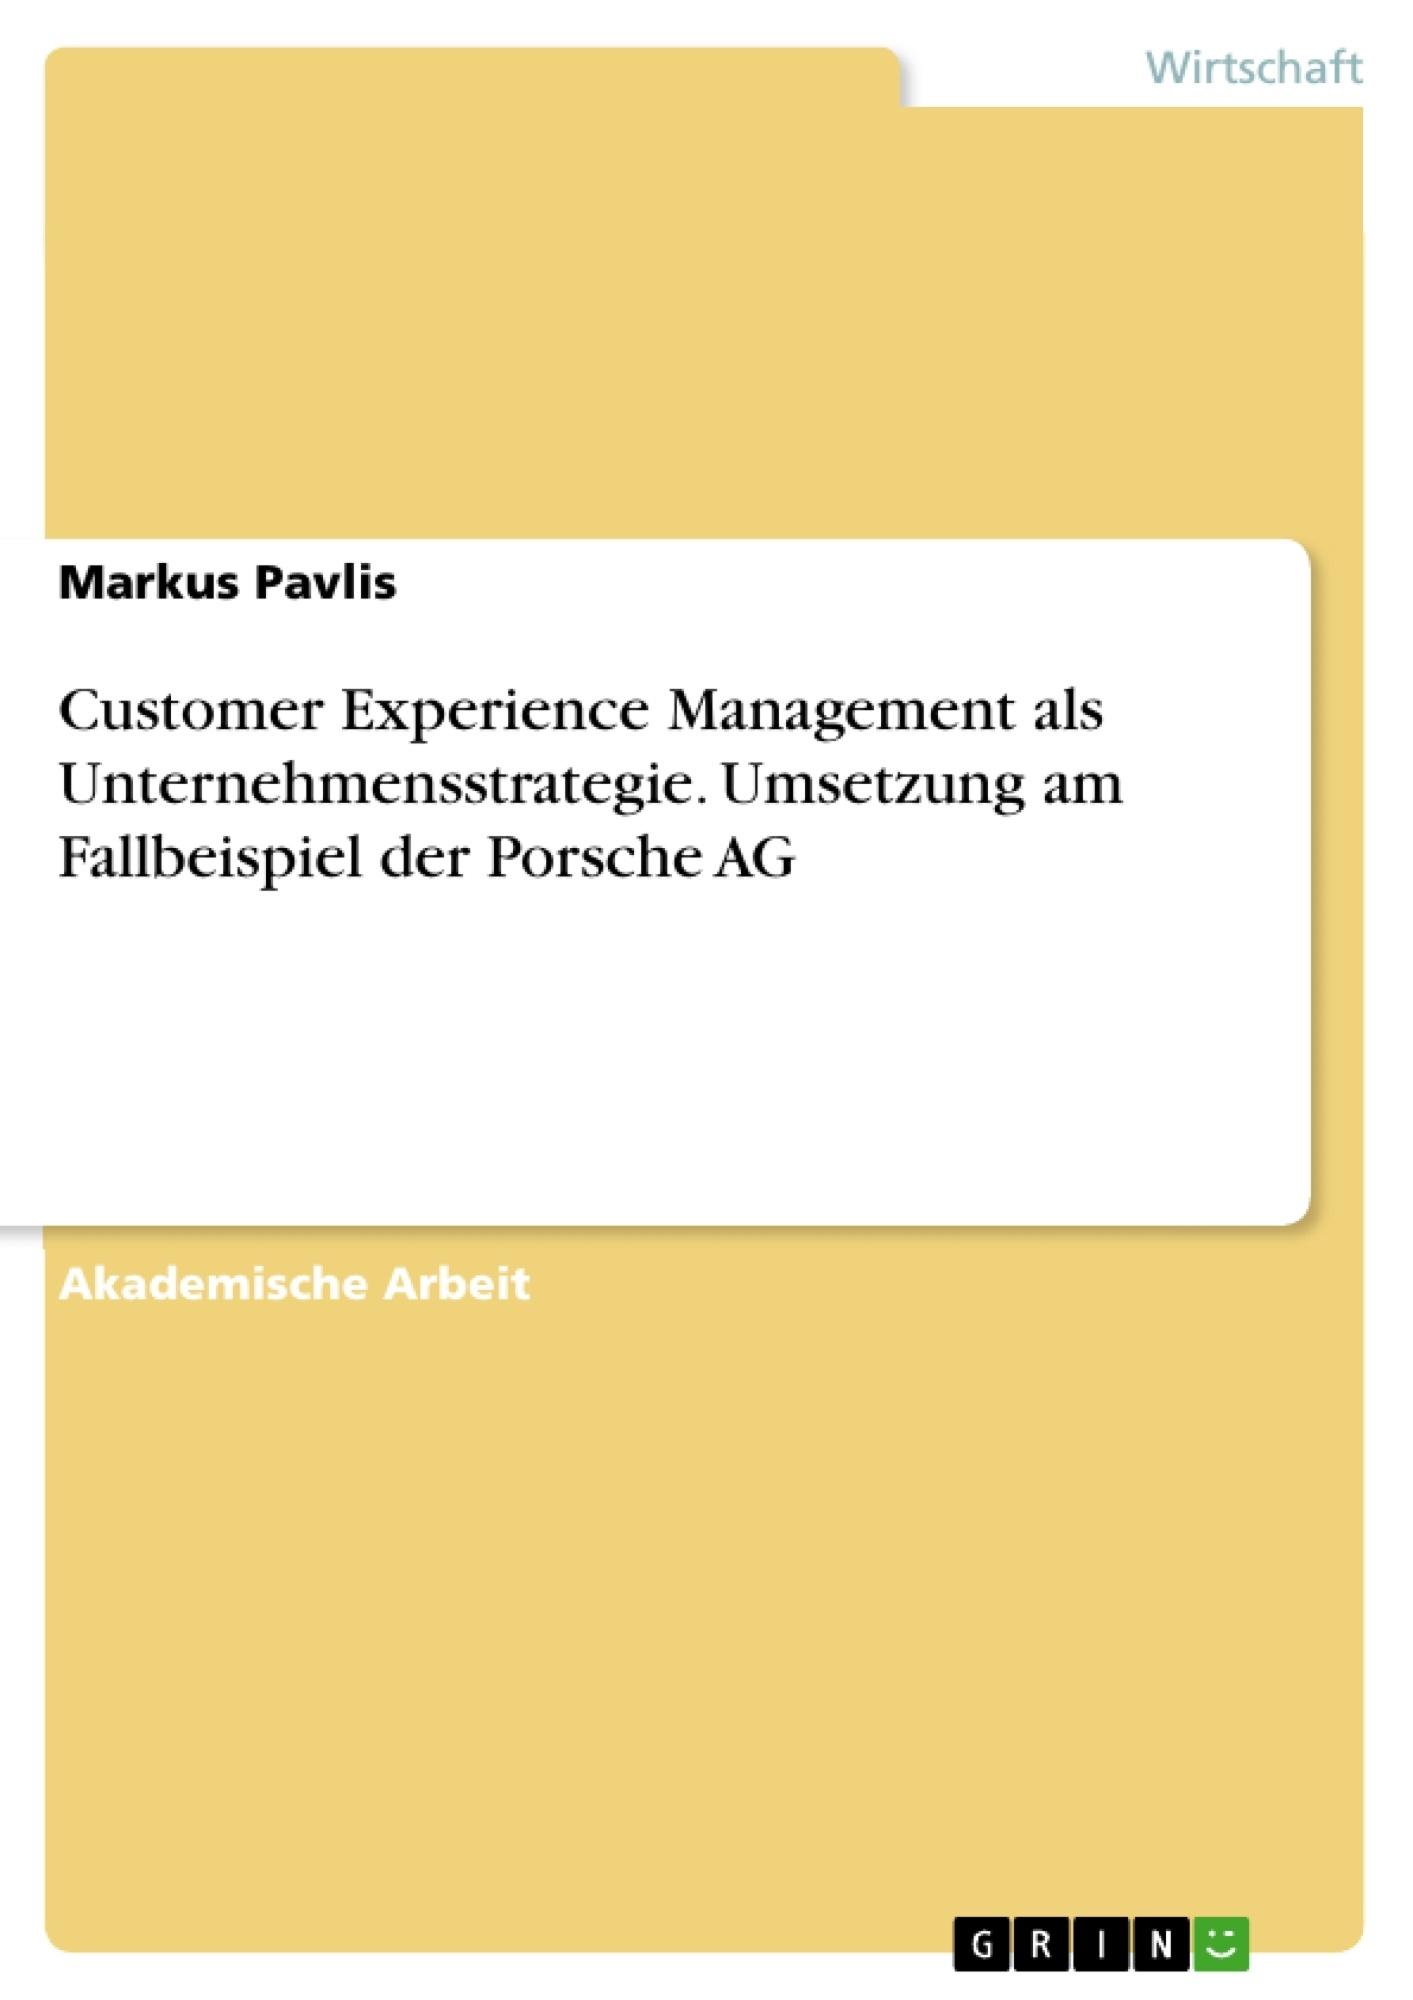 Titel: Customer Experience Management als Unternehmensstrategie. Umsetzung am Fallbeispiel der Porsche AG